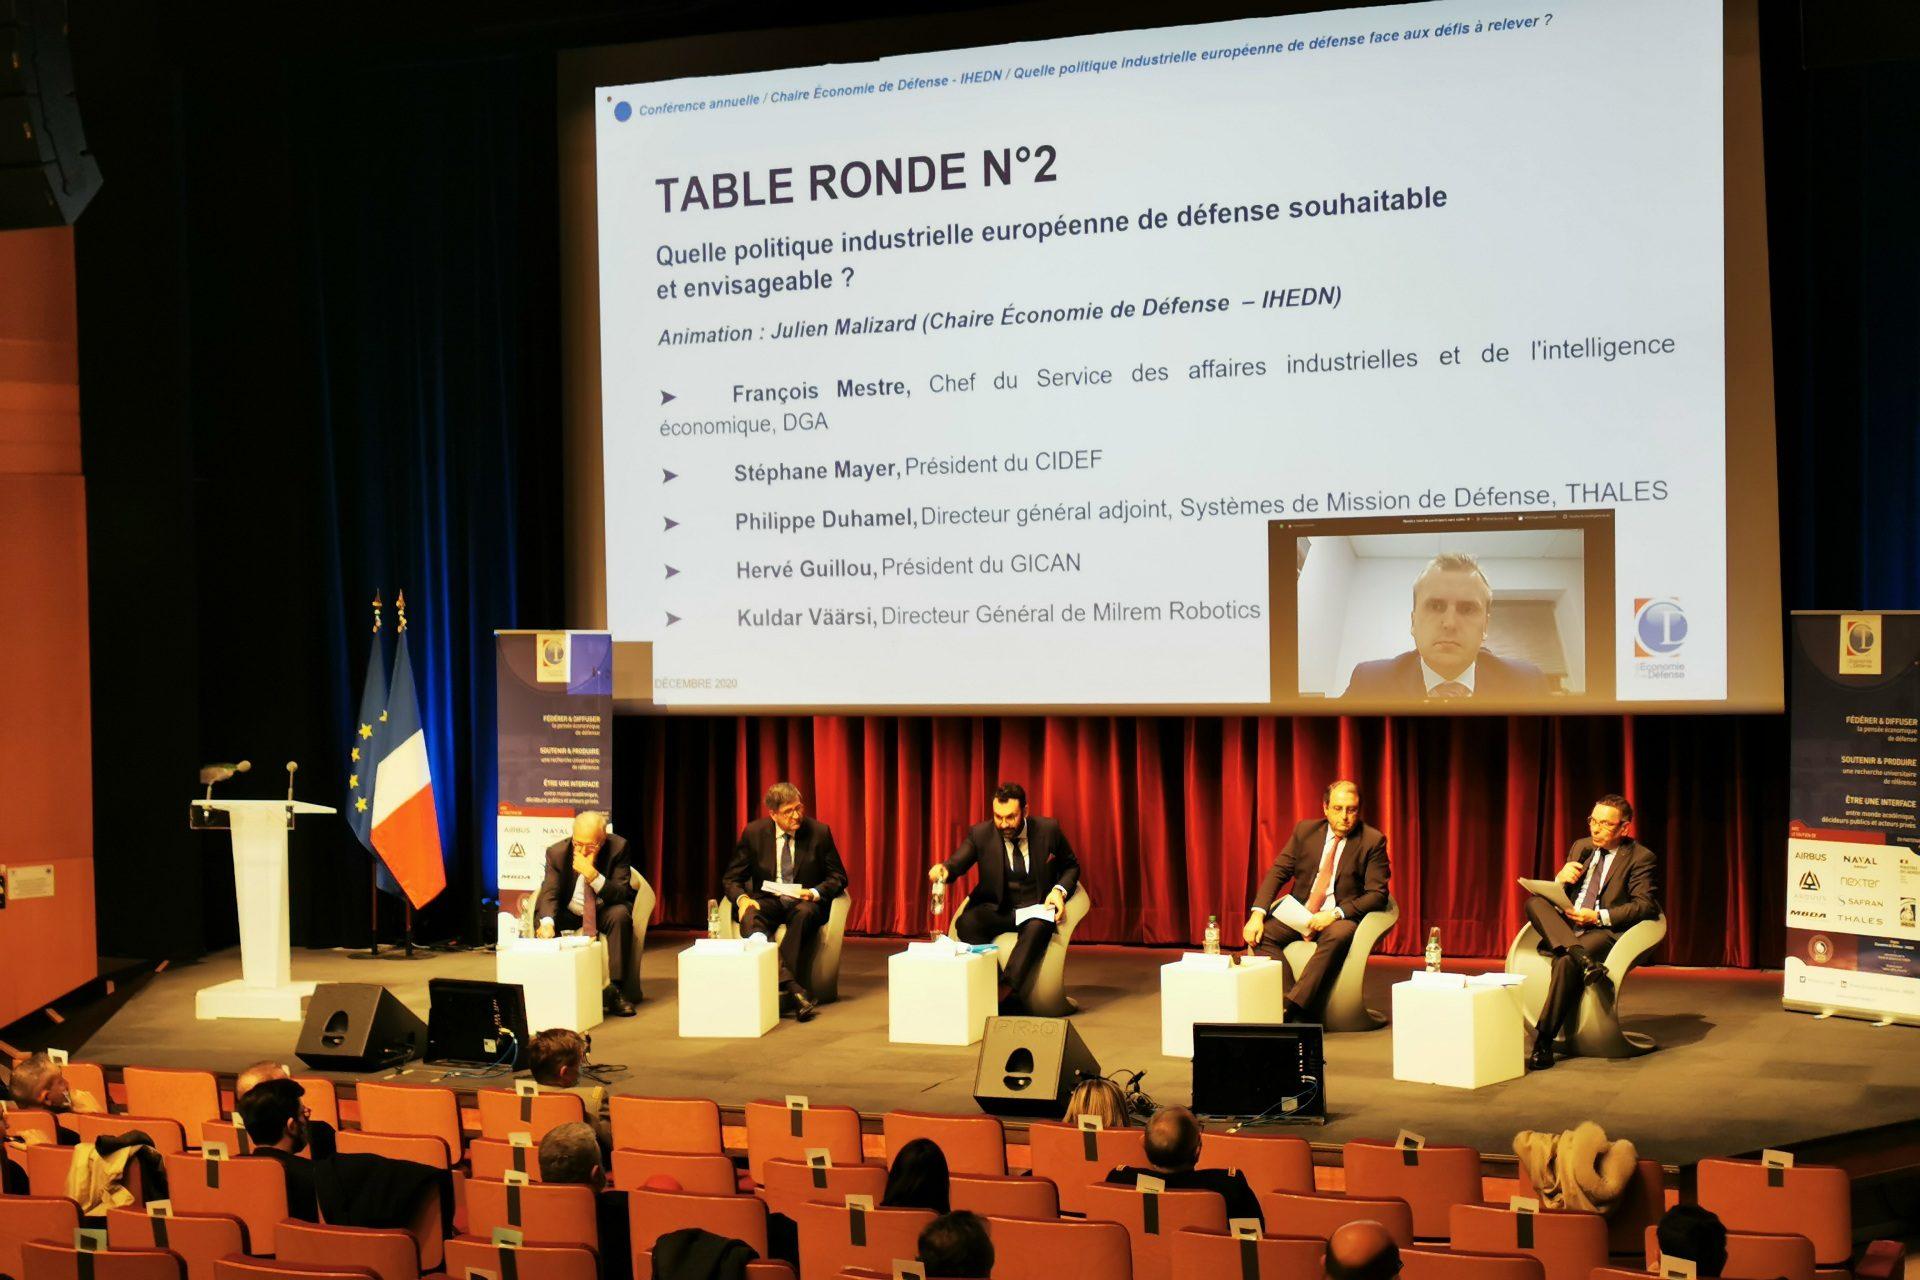 """Conférence annuelle de la Chaire Économie de Défense - IHEDN sur le thème """"Quelle politique industrielle européenne de défense face aux défis à relever ?"""""""